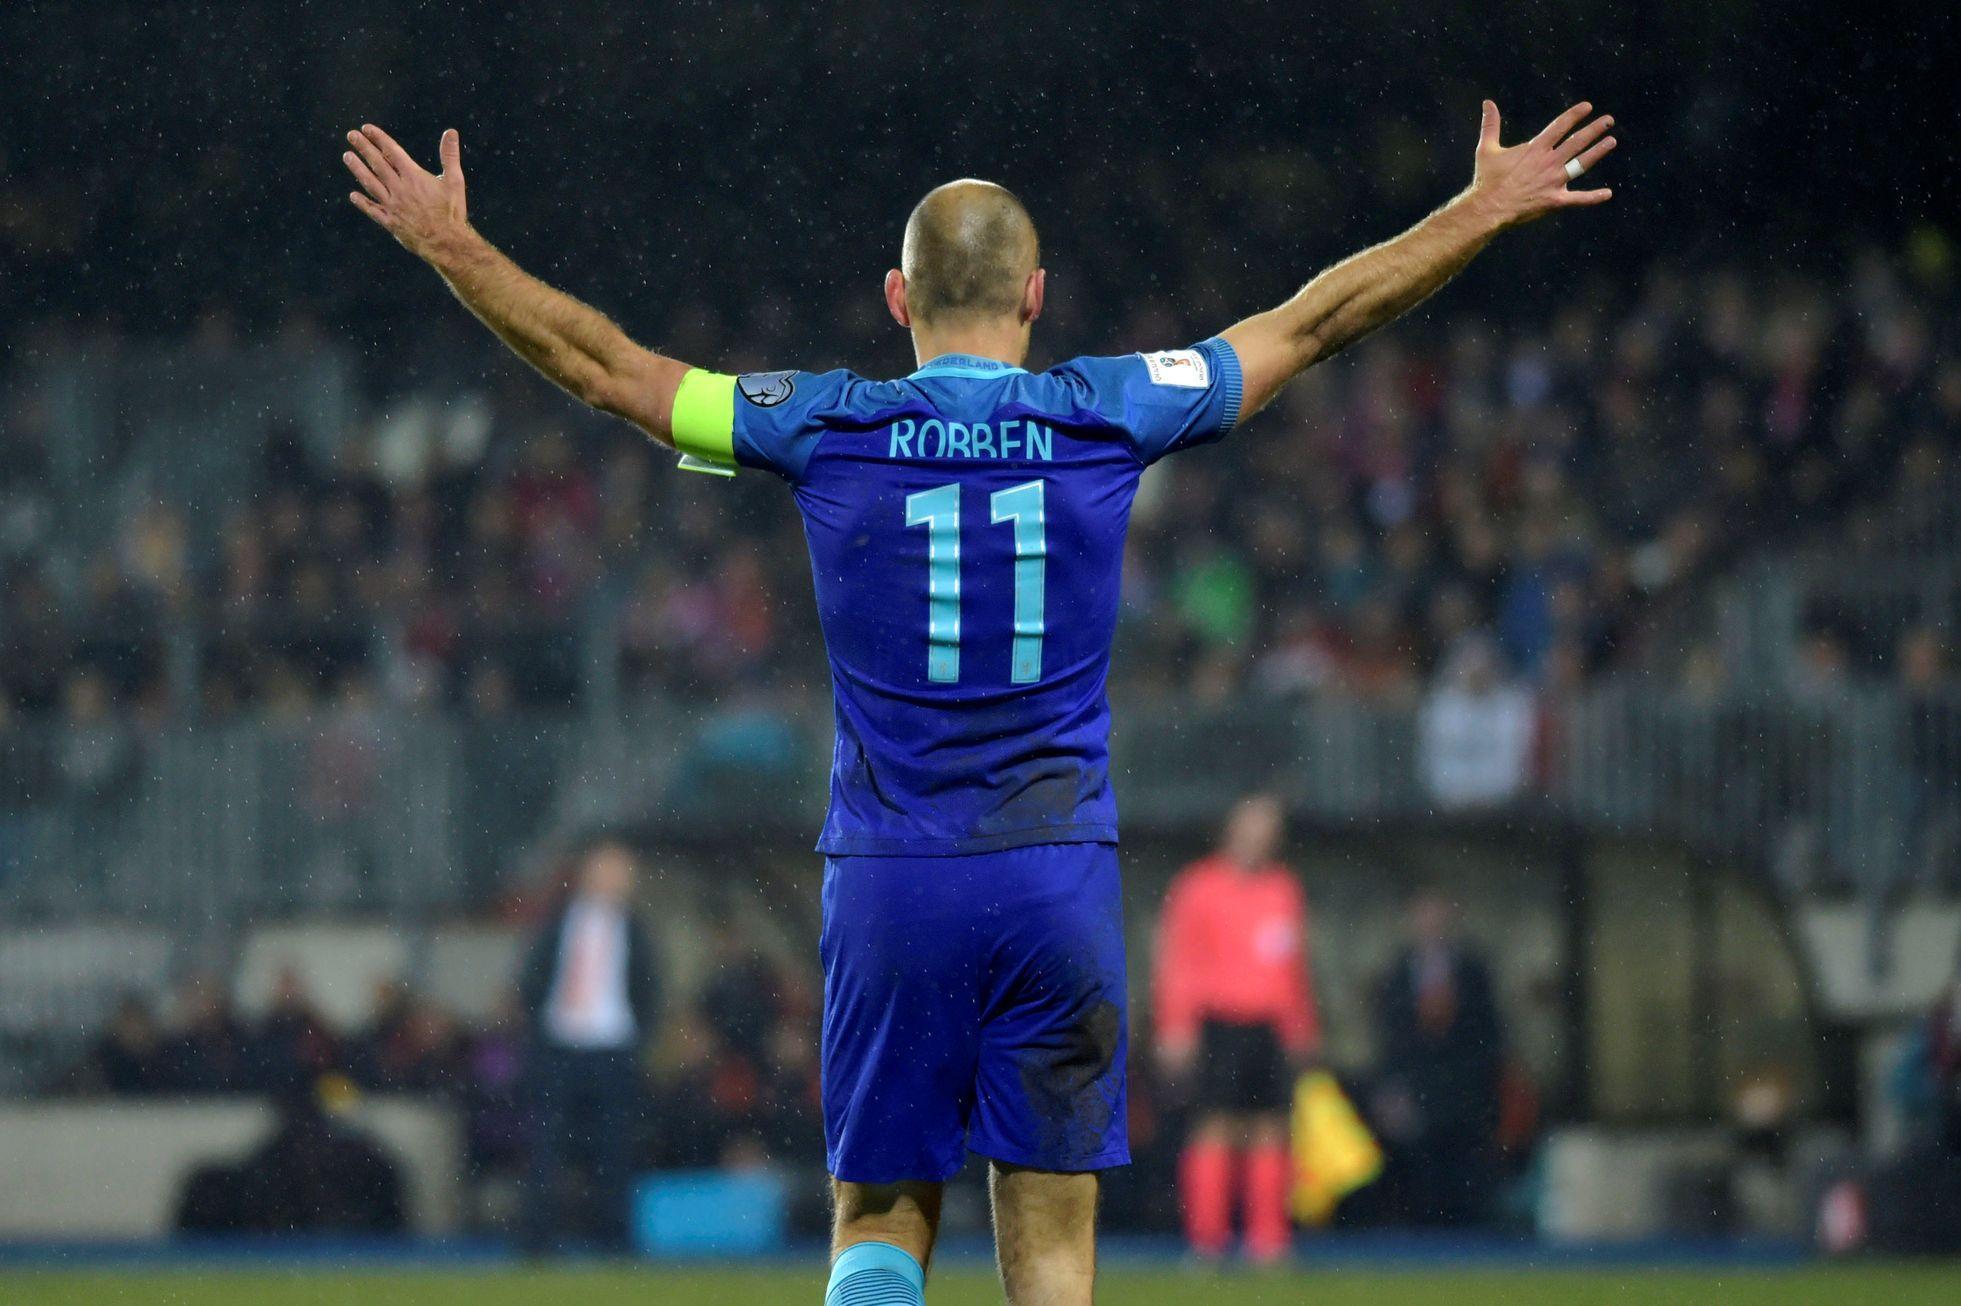 """Než se stal jedním z nejobávanějších křídelníků Evropy, zářil Arjen Robben v Eindhovenu. A vyhlížel svůj první velký přestup. """"Byl jsem na večeři s Fergusonem, měli jsme skvělý rozhovor, mluvili jsme o fotbale i životě. Prošel jsem si tréninkové středisko a všechno vypadalo skvěle,"""" vybavuje si Robben. Pak se vrátil do Eindhovenu - a nic se nedělo. PSV jednalo i s Chelsea, se kterou si vzápětí i pláclo. """"Kdyby mi Manchester nabídl smlouvu poté, co jsem se s nimi setkal, podepsal bych mu. Jenže se to nestalo a nemusel jsem litovat,"""" dodává """"létající Holanďan""""."""